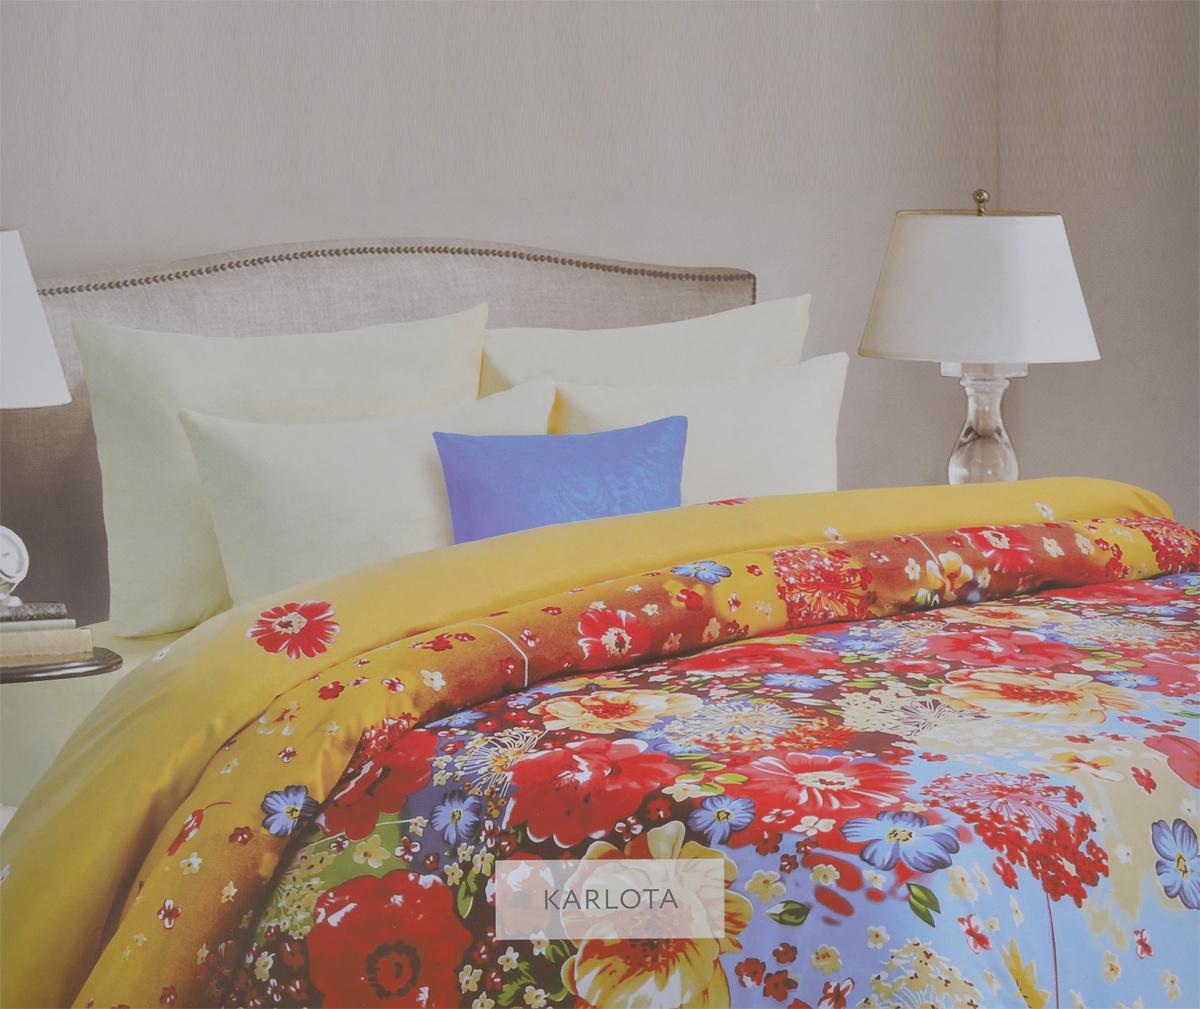 Комплект белья Mona Liza Karlota, семейный, наволочки 70х70. 562405/568044Комплект белья Mona Liza Karlota, выполненный из батиста (100% хлопок), состоит из простыни, двух пододеяльников и двух наволочек. Изделия оформлены ярким цветочным принтом. Батист - тонкая, легкая натуральная ткань полотняного переплетения. Батист, несомненно, является одной из самых аристократичных и совершенных тканей. Он отличается нежностью, трепетной утонченностью и изысканностью. Ткань с незначительной сминаемостью, хорошо сохраняющая цвет при стирке, легкая, с прекрасными гигиеническими показателями. Рекомендации по уходу: - Ручная и машинная стирка 40°С, - Гладить при температуре не более 150°С, - Не использовать хлорсодержащие средства, - Щадящая сушка, - Не подвергать химчистке.